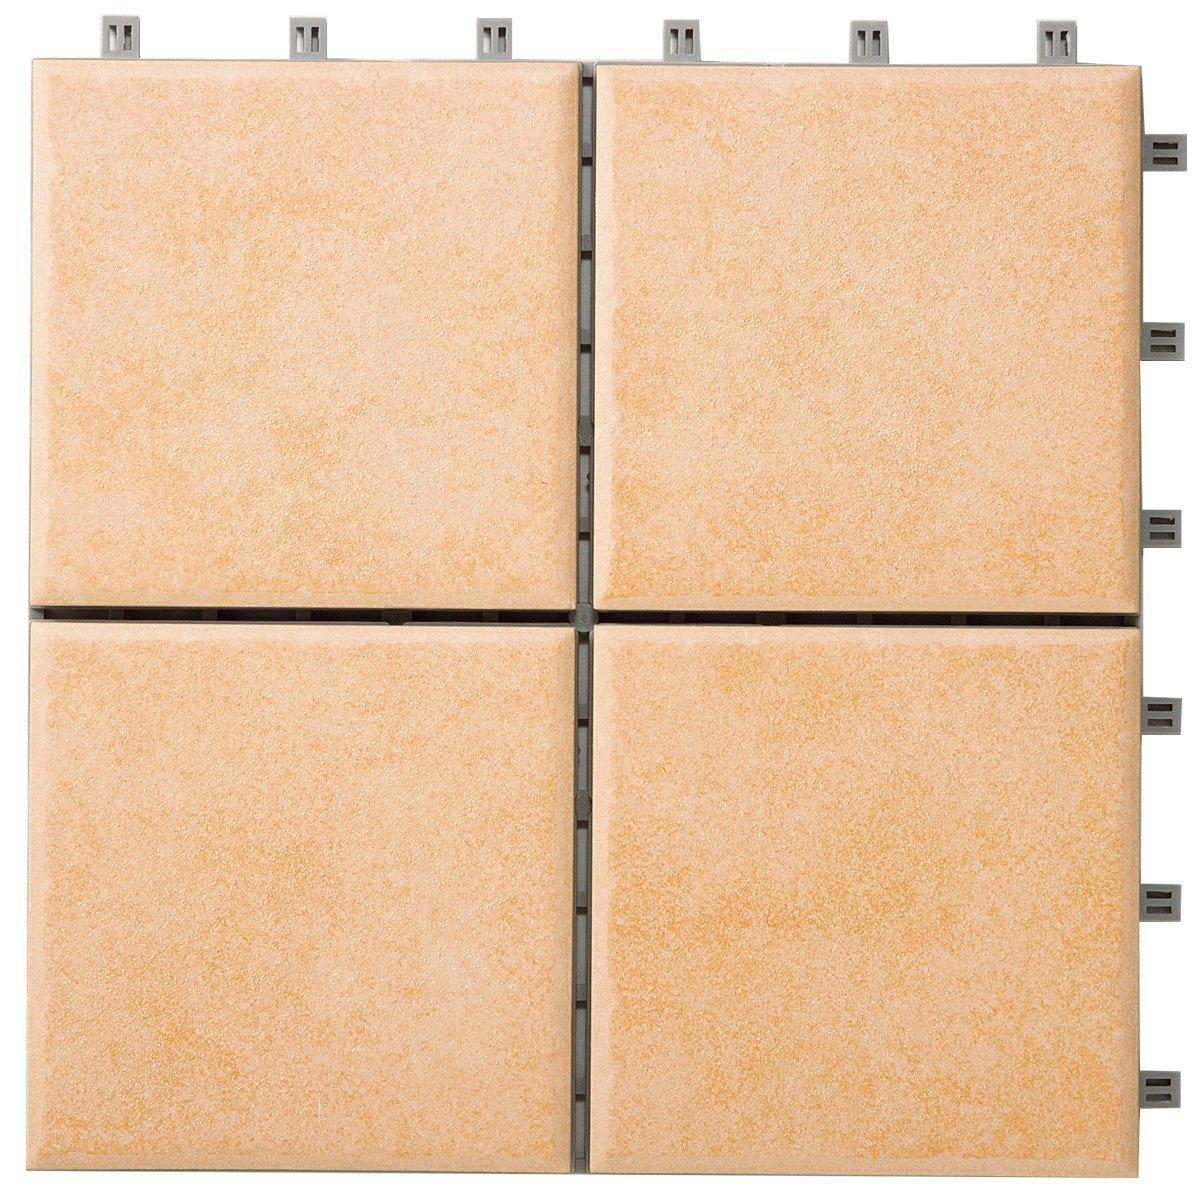 LIXIL(リクシル) INAX バルコニー用ユニットタイル セライージー 300角樹脂マット張り 10枚セット ピンクベージュ TFU-300M/NT-4 B01ERPT946 14785 ピンクベージュ|300角 ピンクベージュ